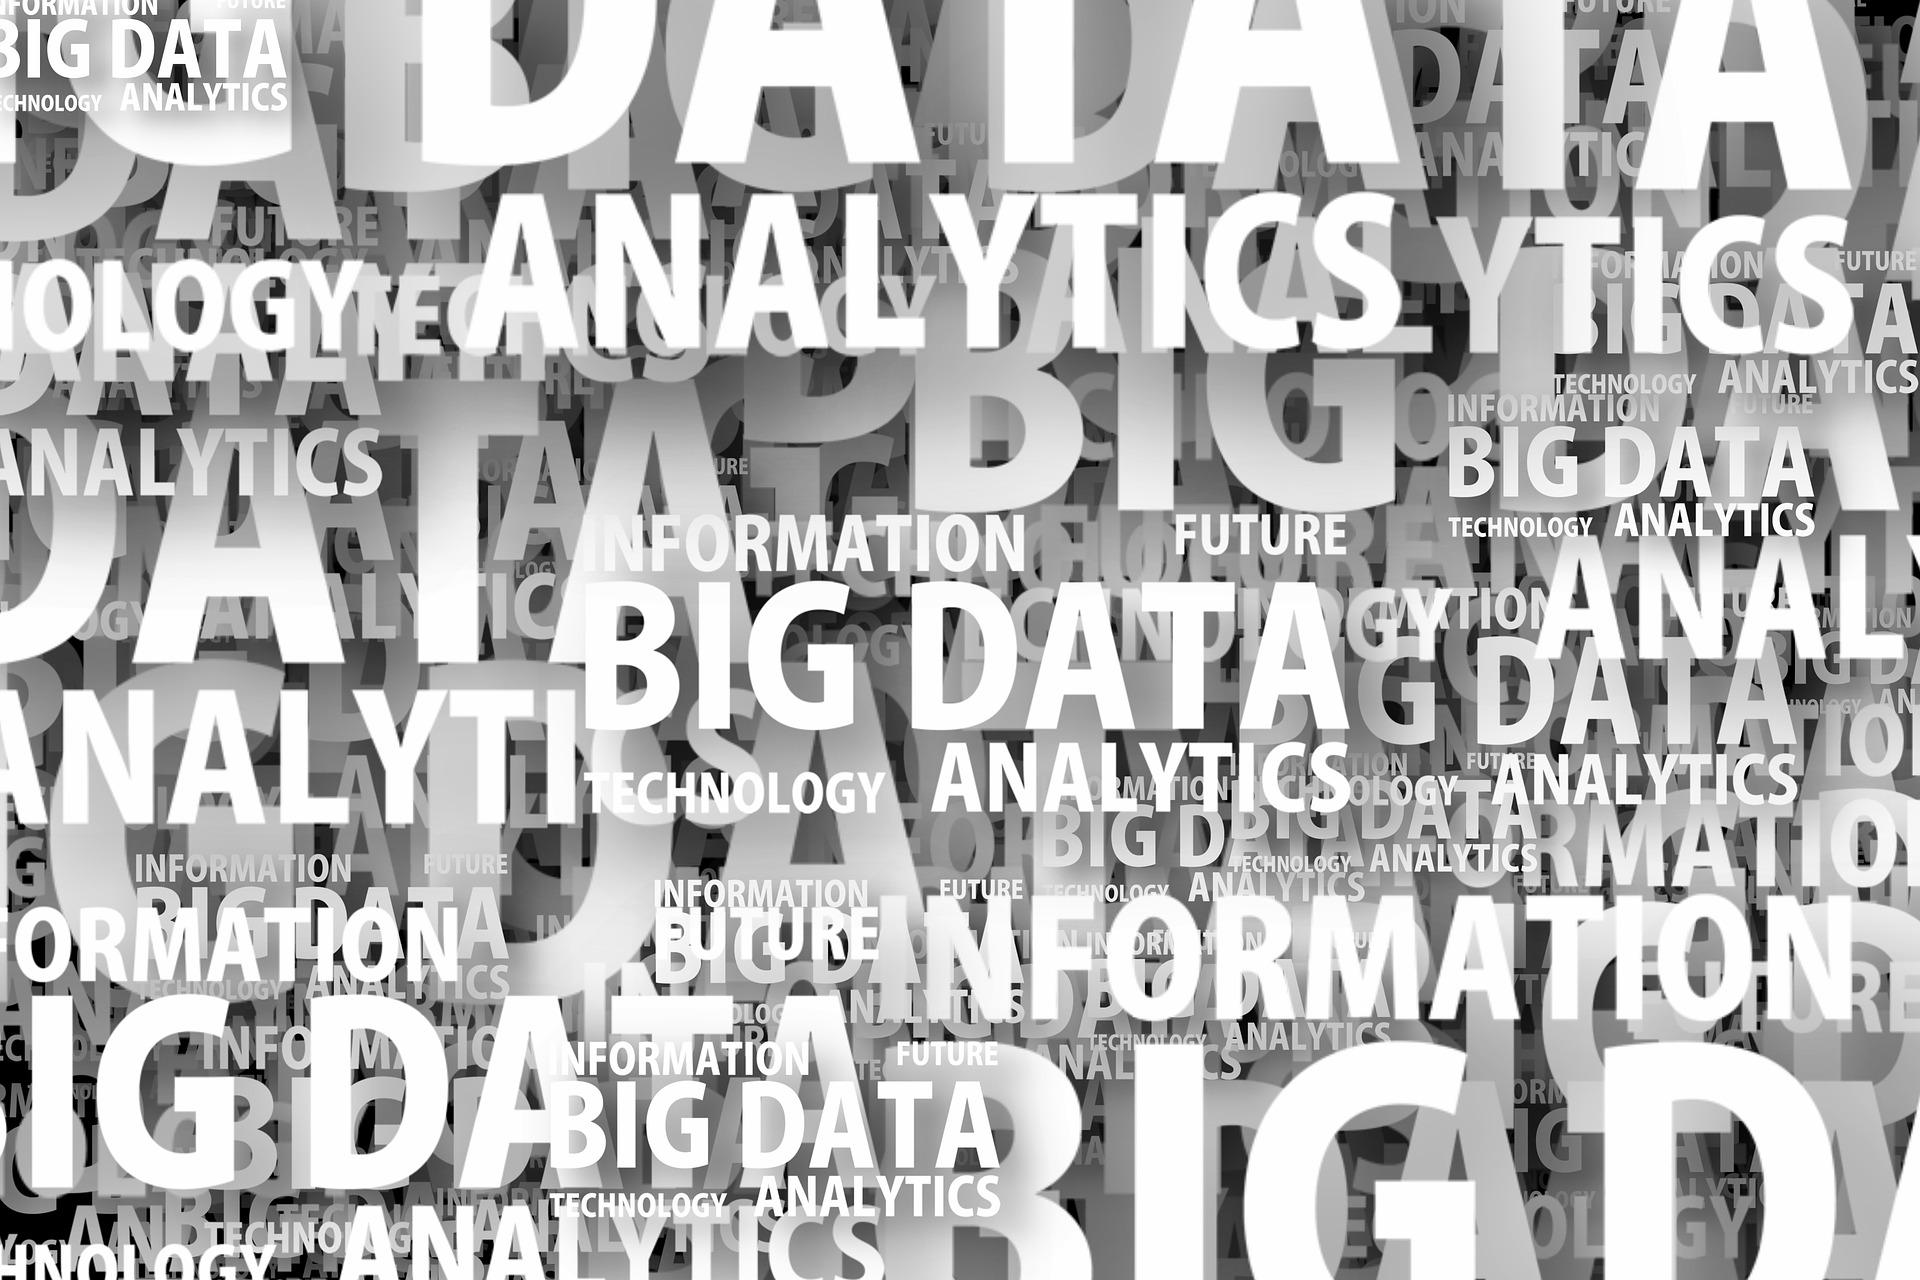 ¿Una PYME puede aplicar Big Data?